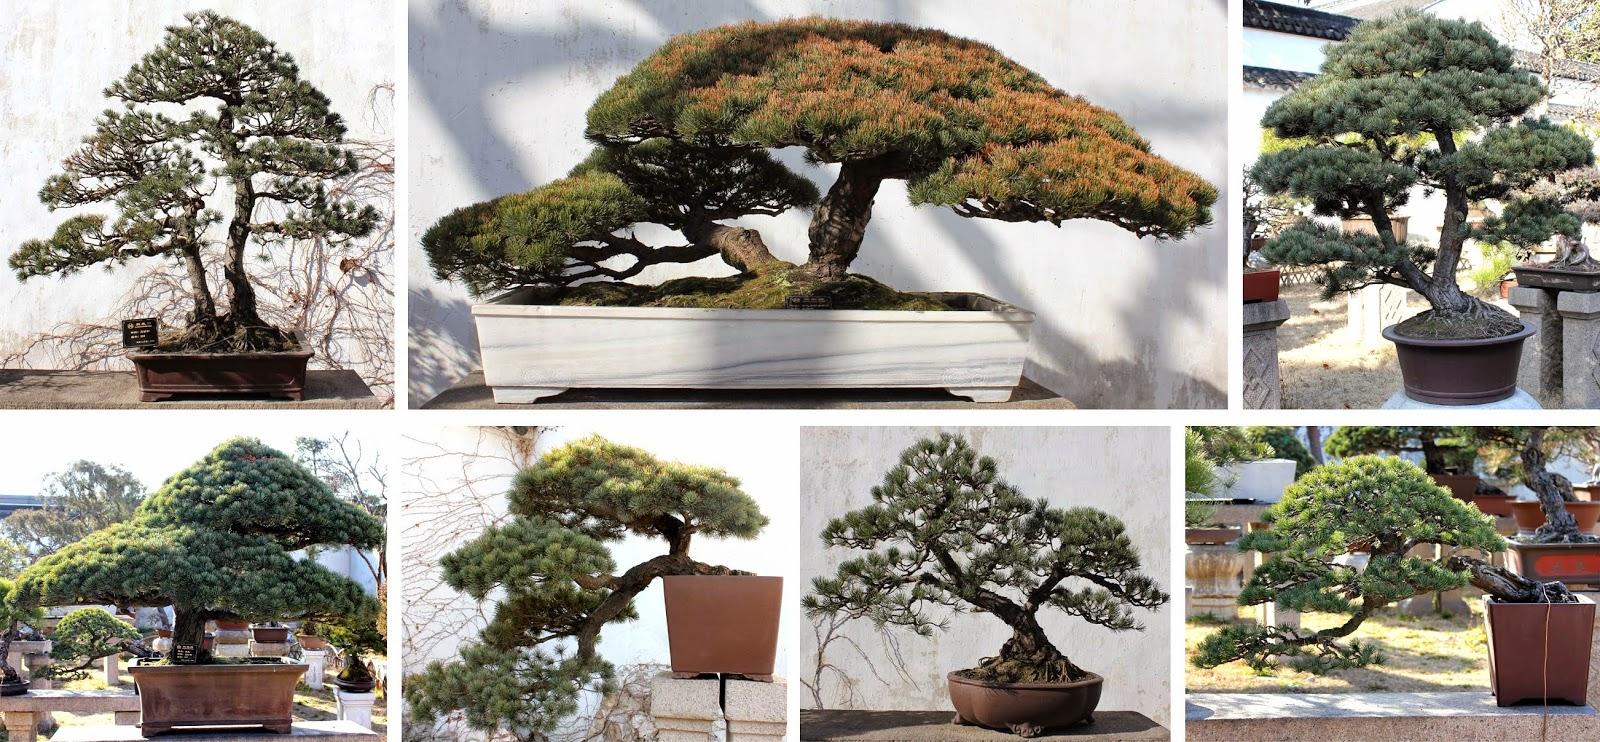 Kigawa39s Bonsai Blog Penjing Garden At The Humble Administrator39s